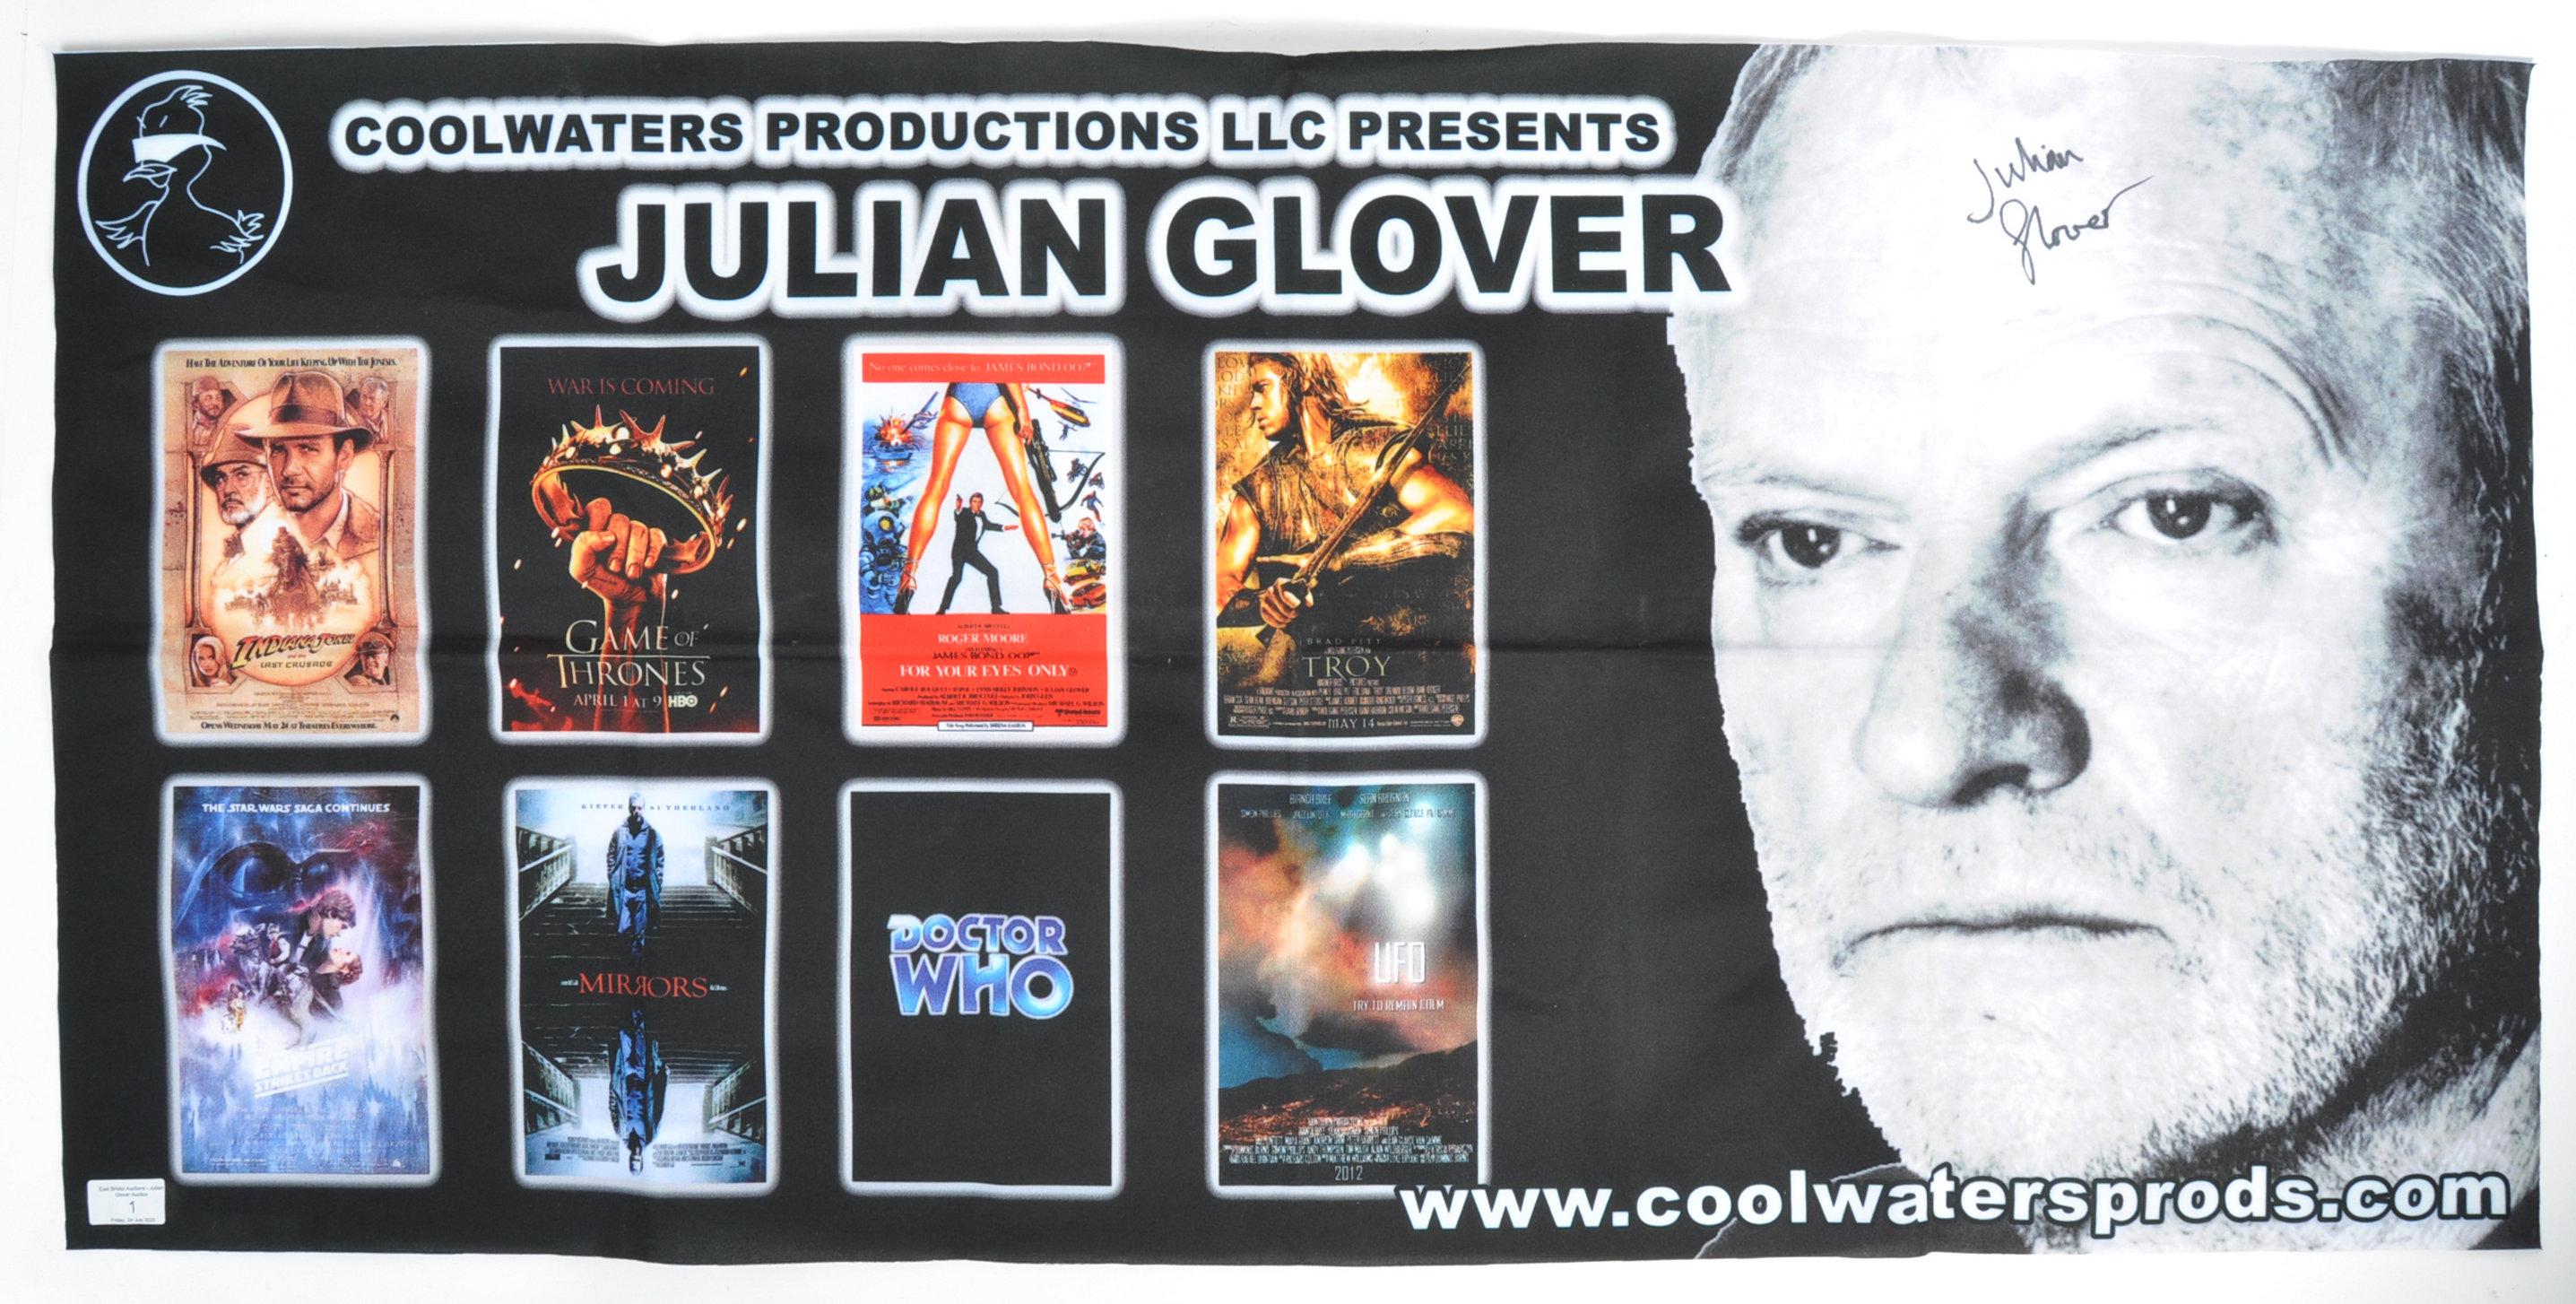 Julian Glover - A Life On Screen